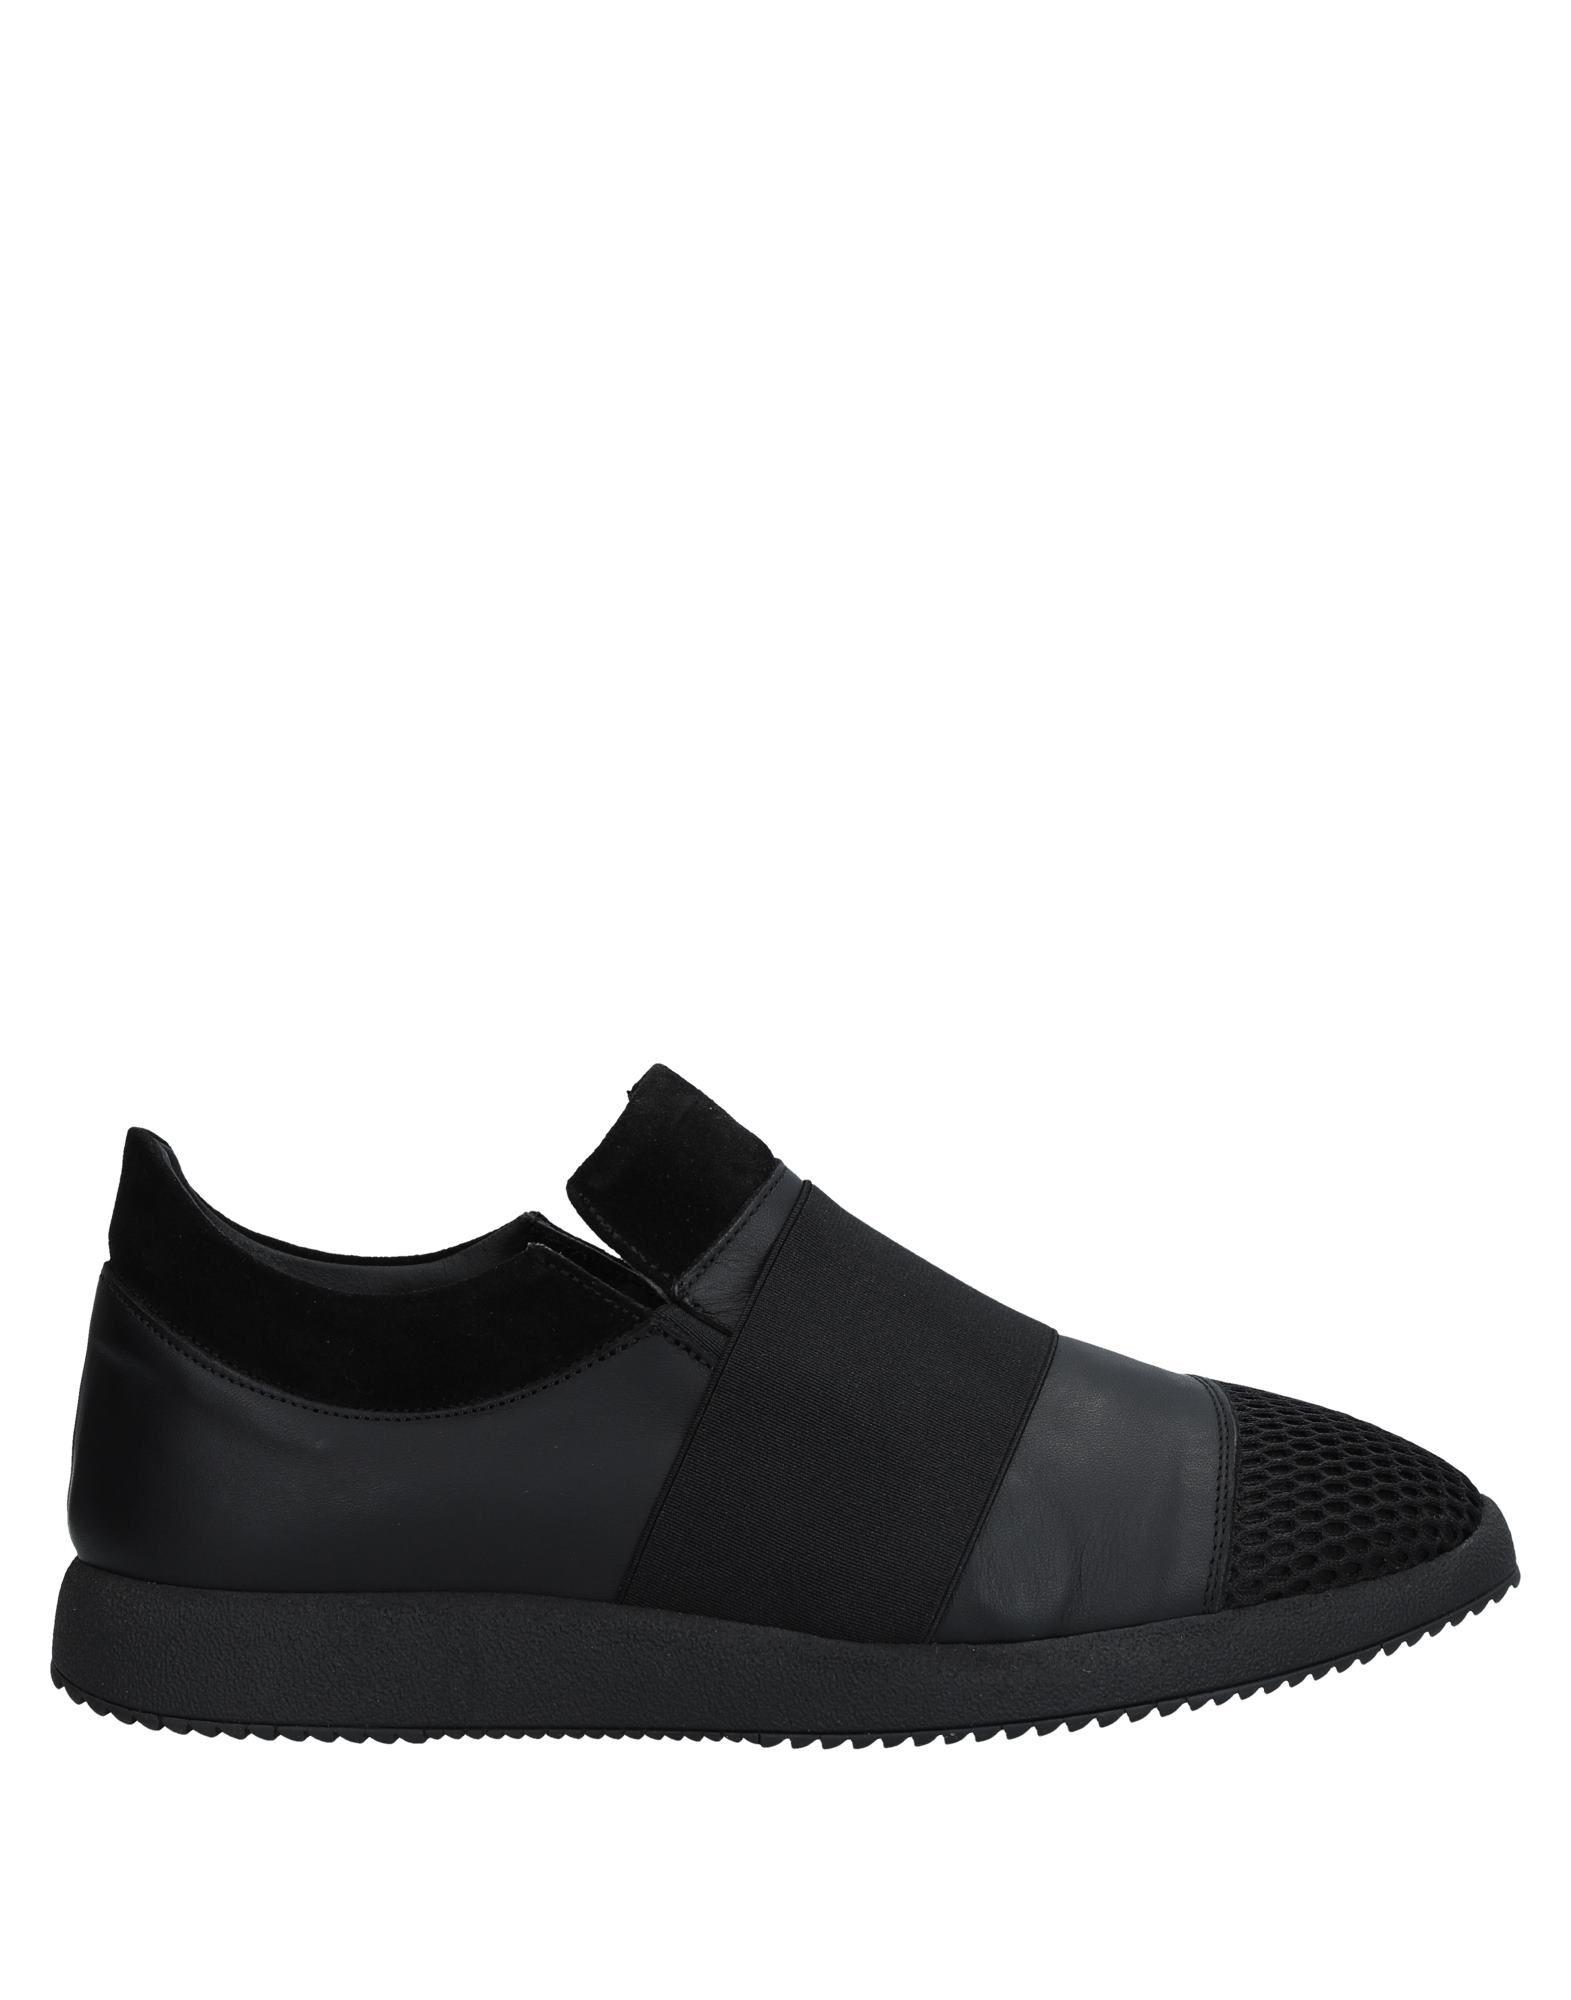 Sneakers Bottega Marchigiana Uomo - 11542361WO